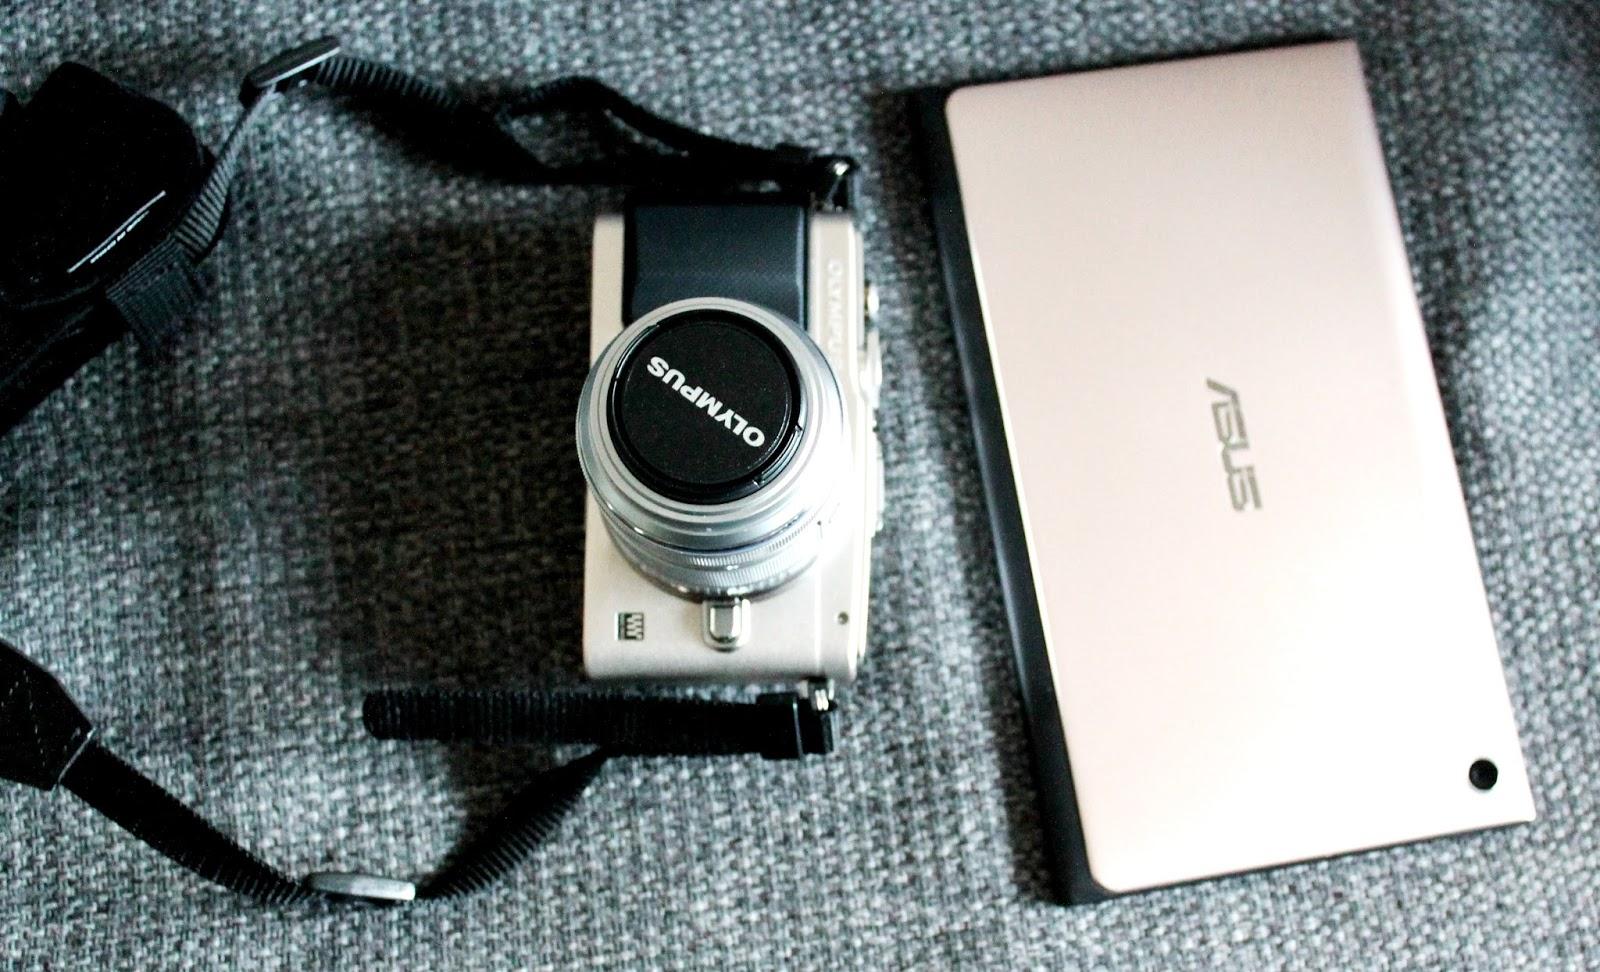 blog, blogger, blogging, bloggaaja, blogisti, kamera, pen, lite, olympus, asus, tabletti, taulutietokone, tekniikka, arvostelu, mielipide, rewiev, salama, flash, zoom, objektive, objektivi, zoomi, kuvata, shoot, photography, valokuva, valokuvaus